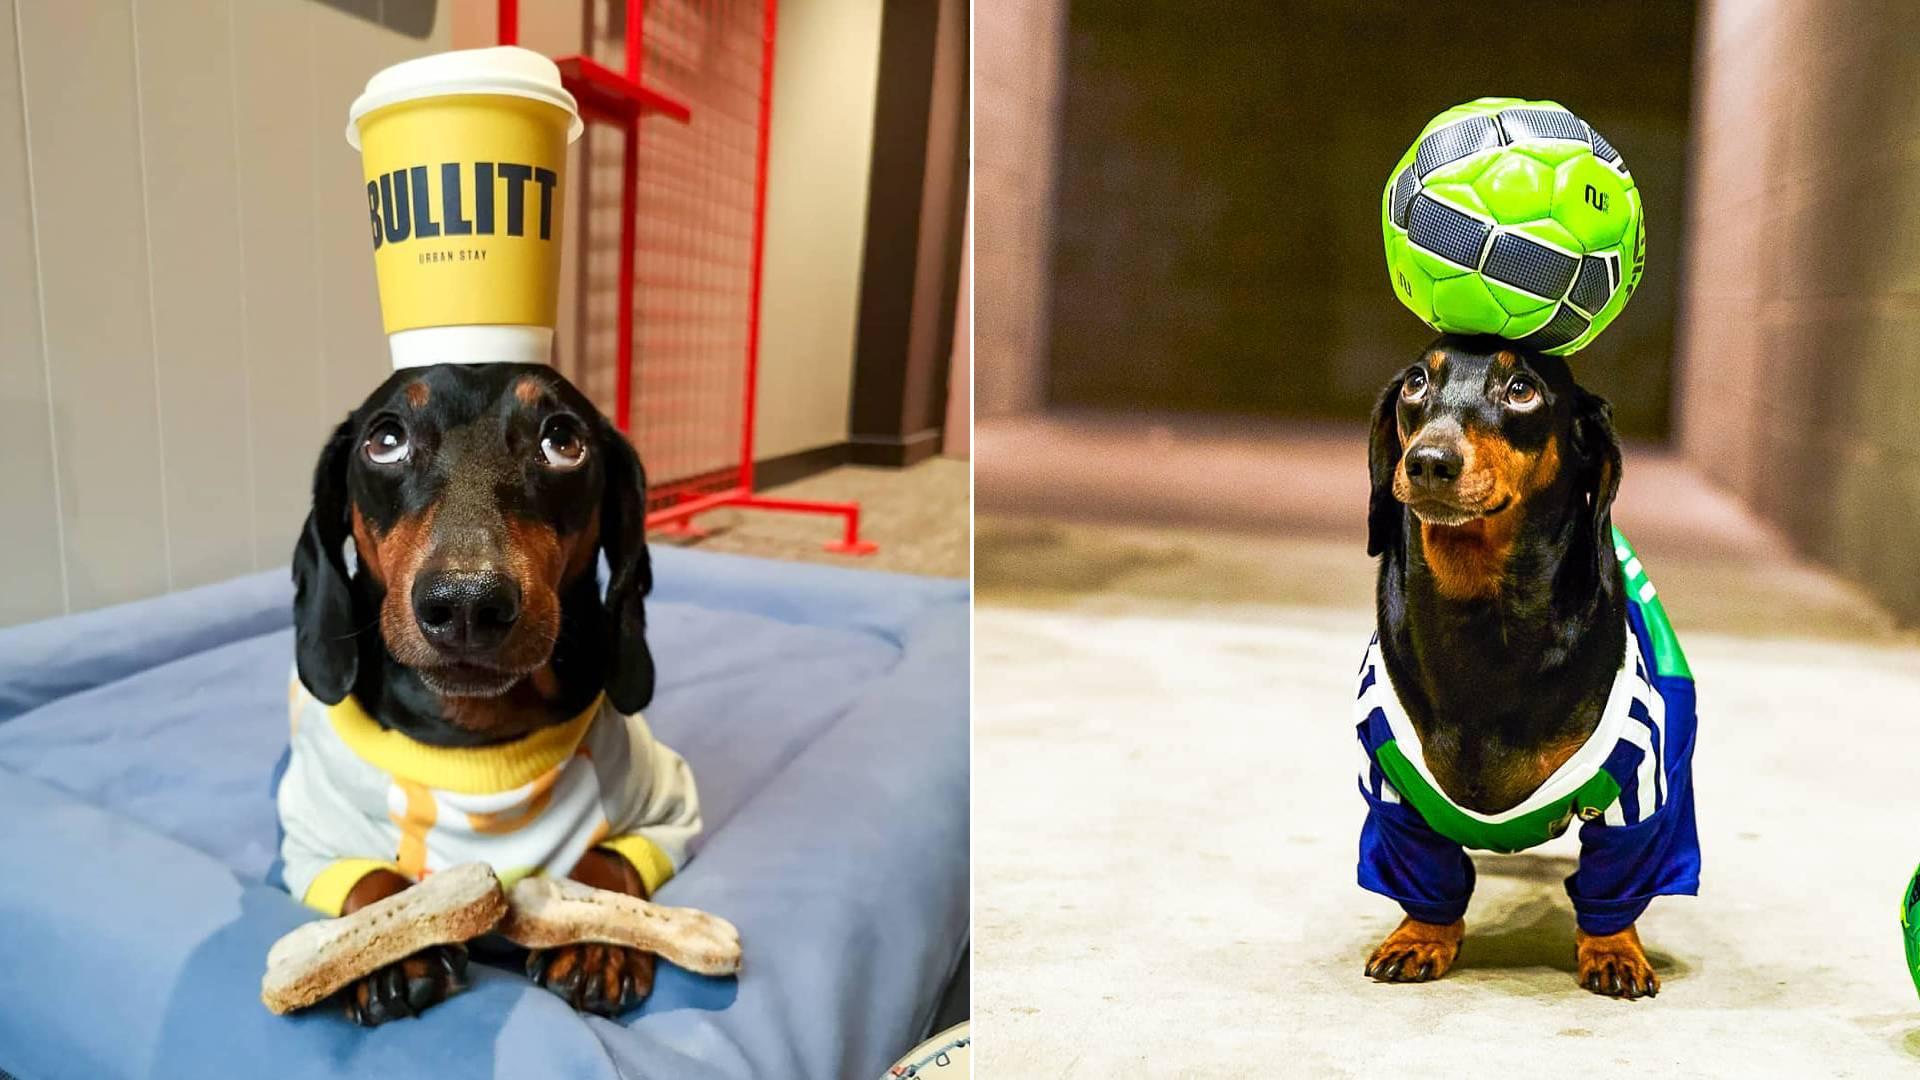 किसी स्टार से कम नहीं है ये कुत्ता, भारी से भारी चीज को भी कर सकता है अपने सिर पर बैलेंस, देखें VIDEO